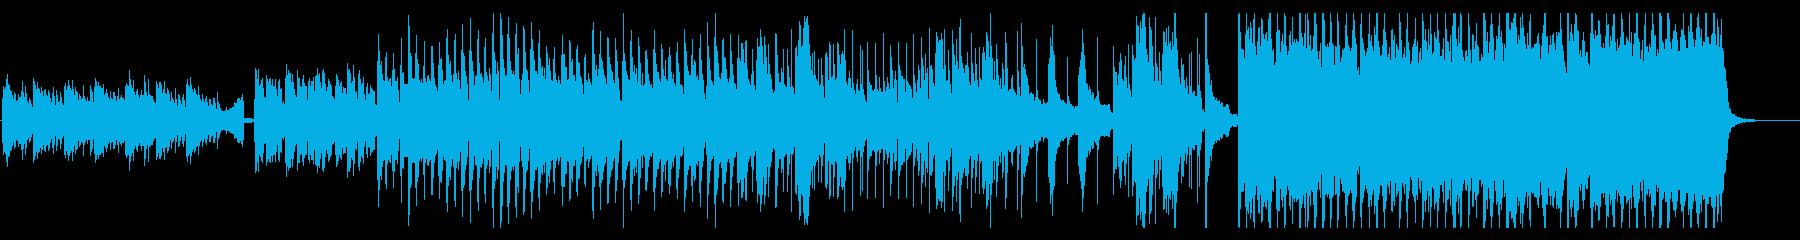 かっこいいシンセとピアノのEDMの再生済みの波形